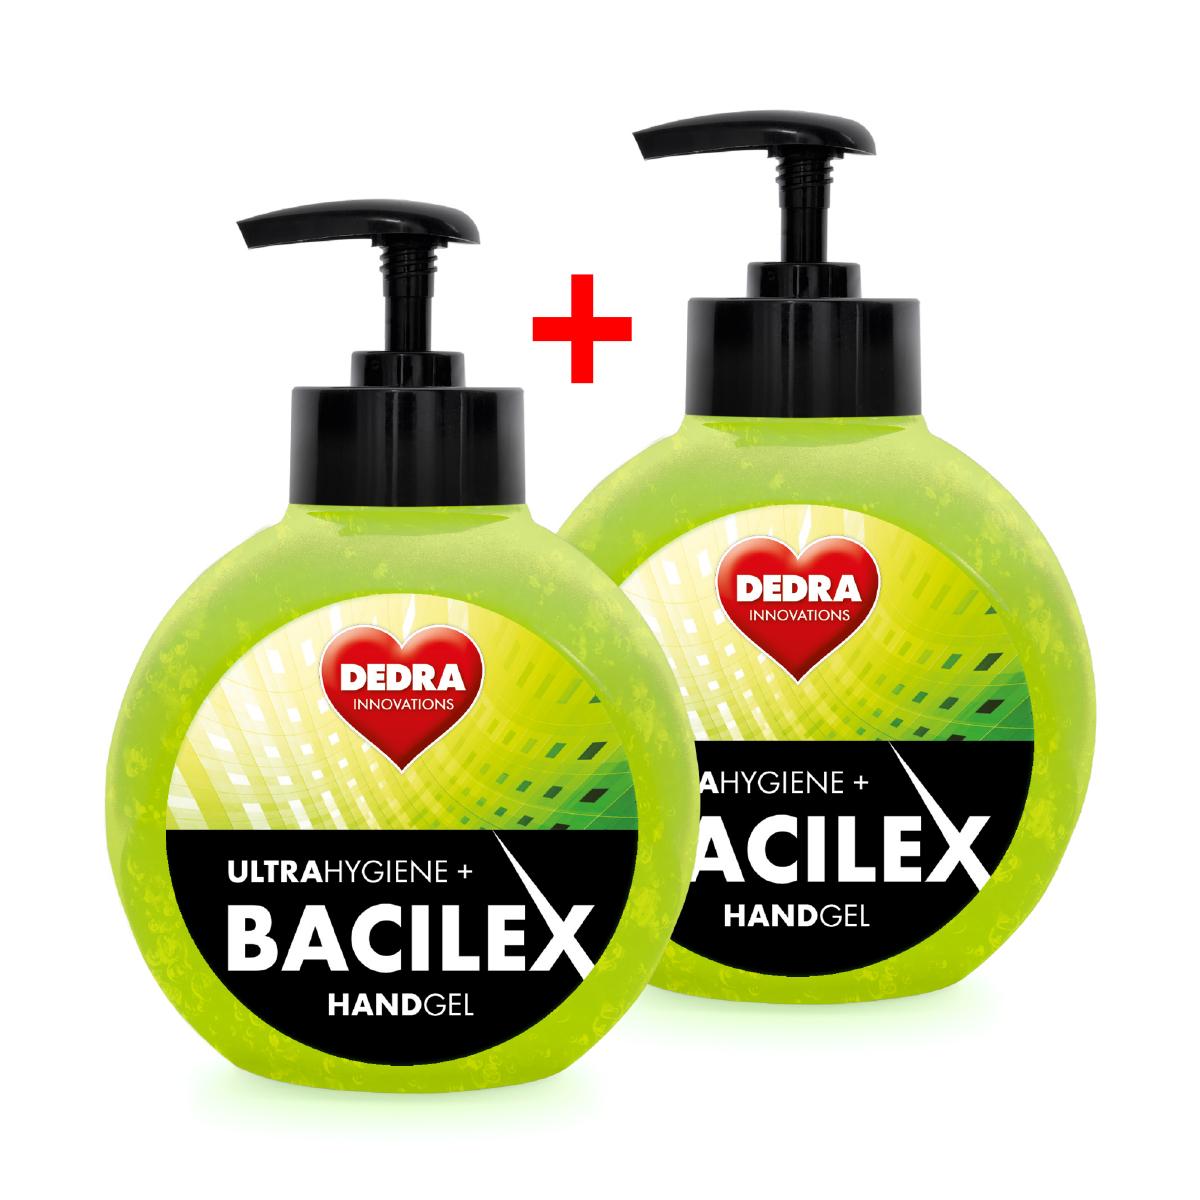 Čisticí gel na ruce 1+1, 65 % alkoholu, ovocná vůně, 500ml + 500ml, BACILEX® ultraHYGIENE+